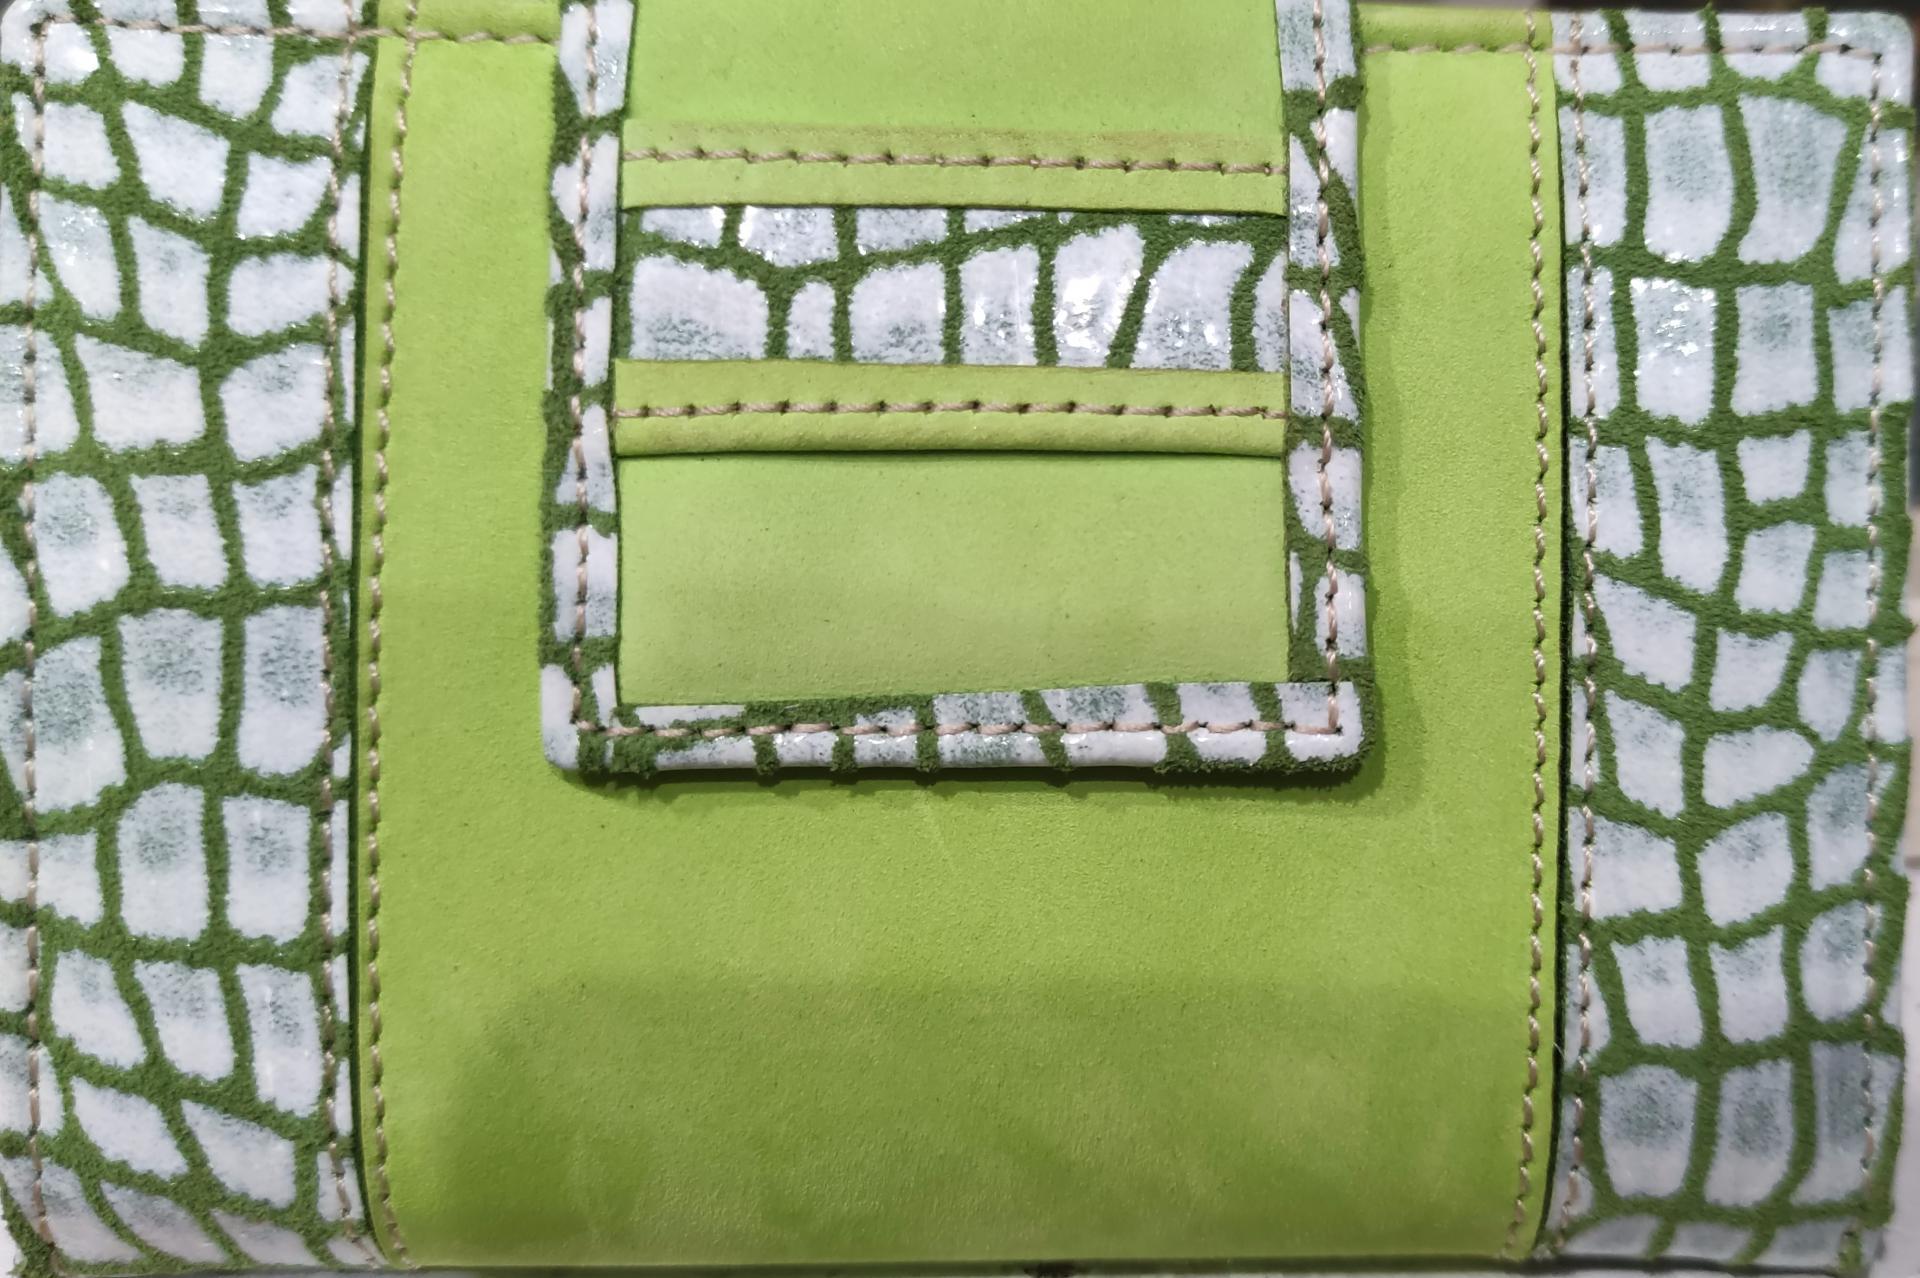 carterapiel-mujer-verde-ubrique-pielserpiente-monedero-tarjetero-lomejorsg-delantera.jpg